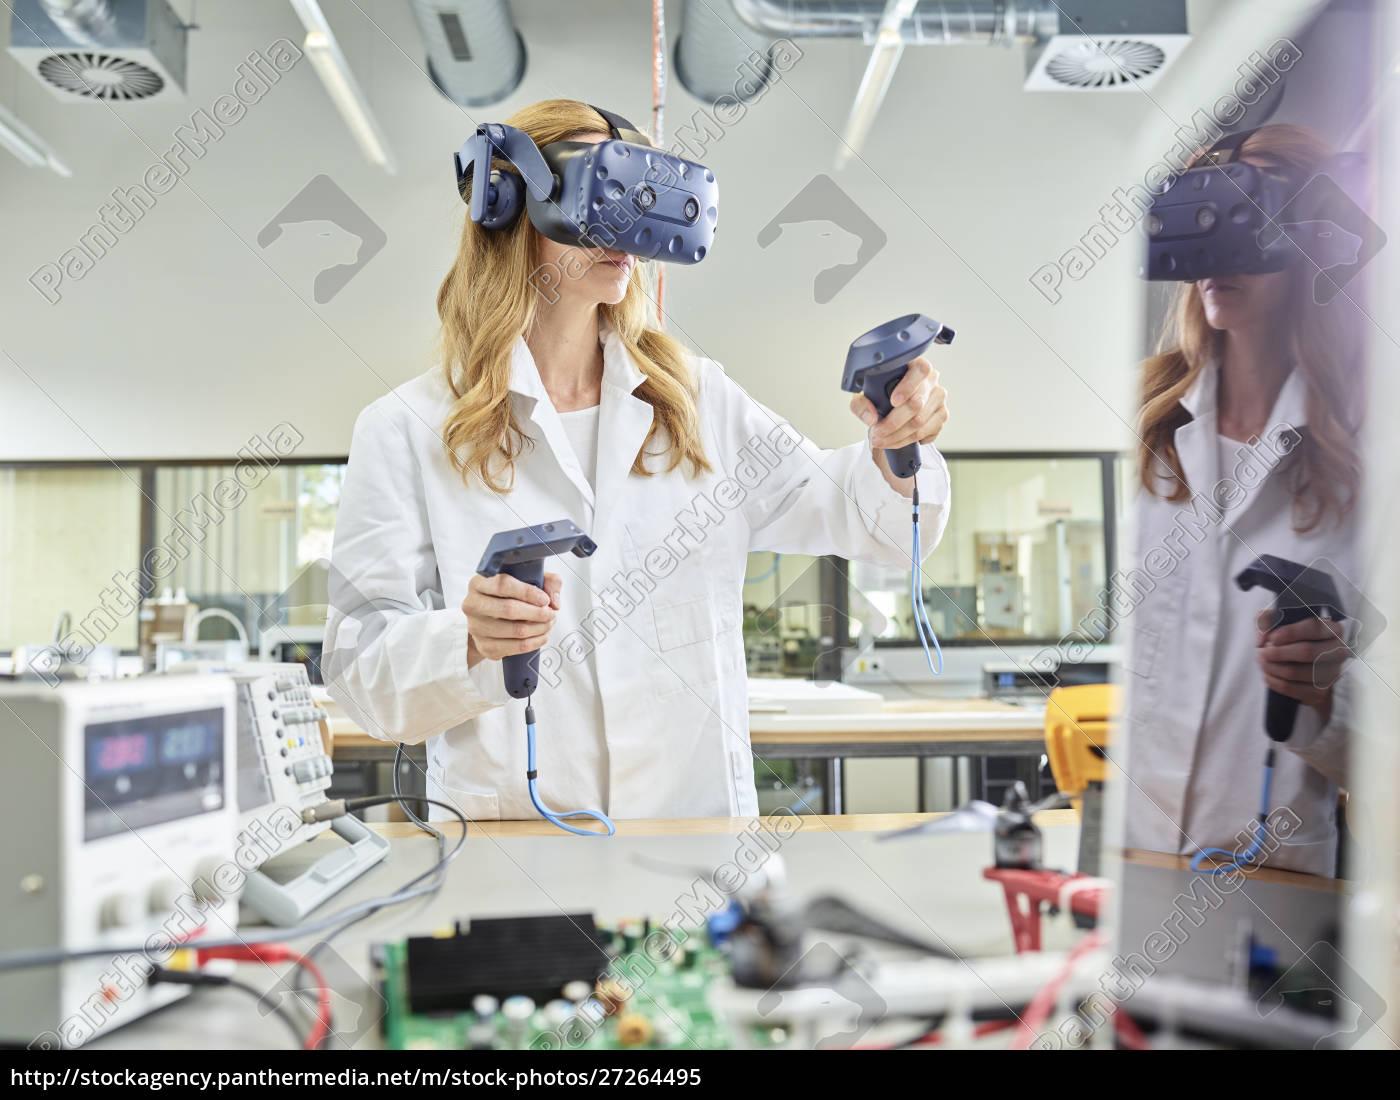 kvindelig, tekniker, som, arbejder, med, 3d-briller - 27264495